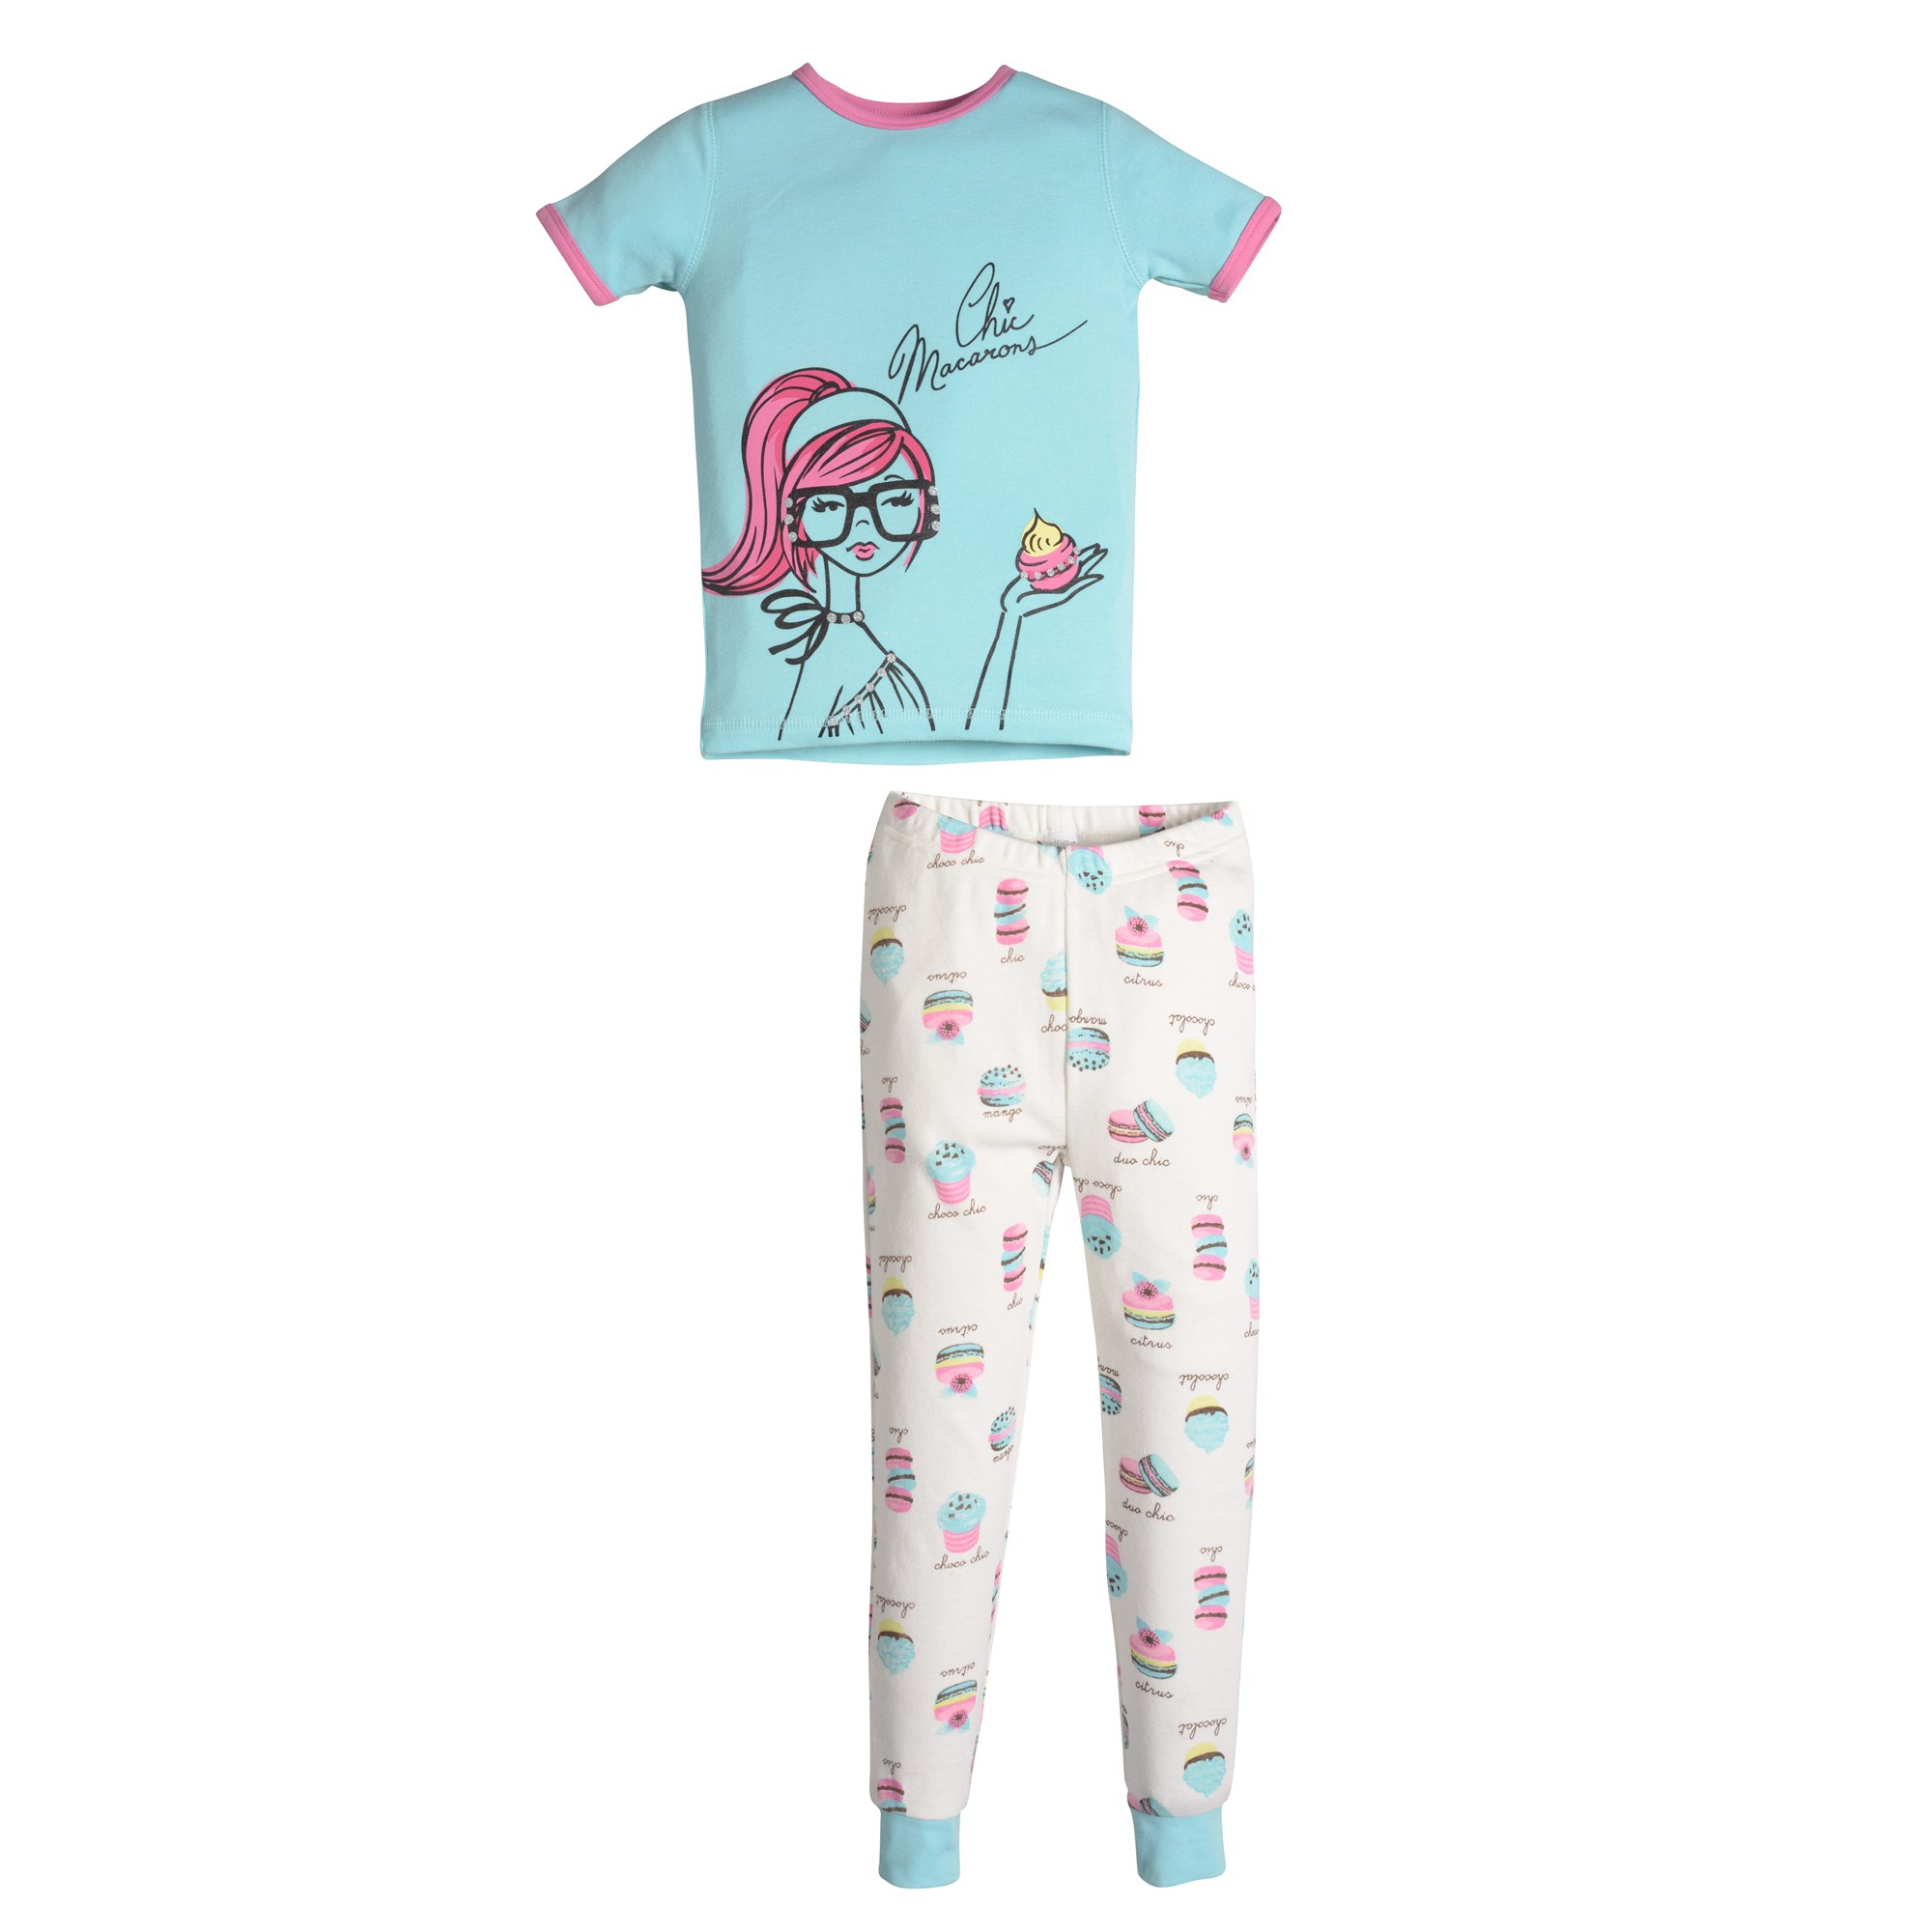 Petite Lem Chic Macarons Pajamas